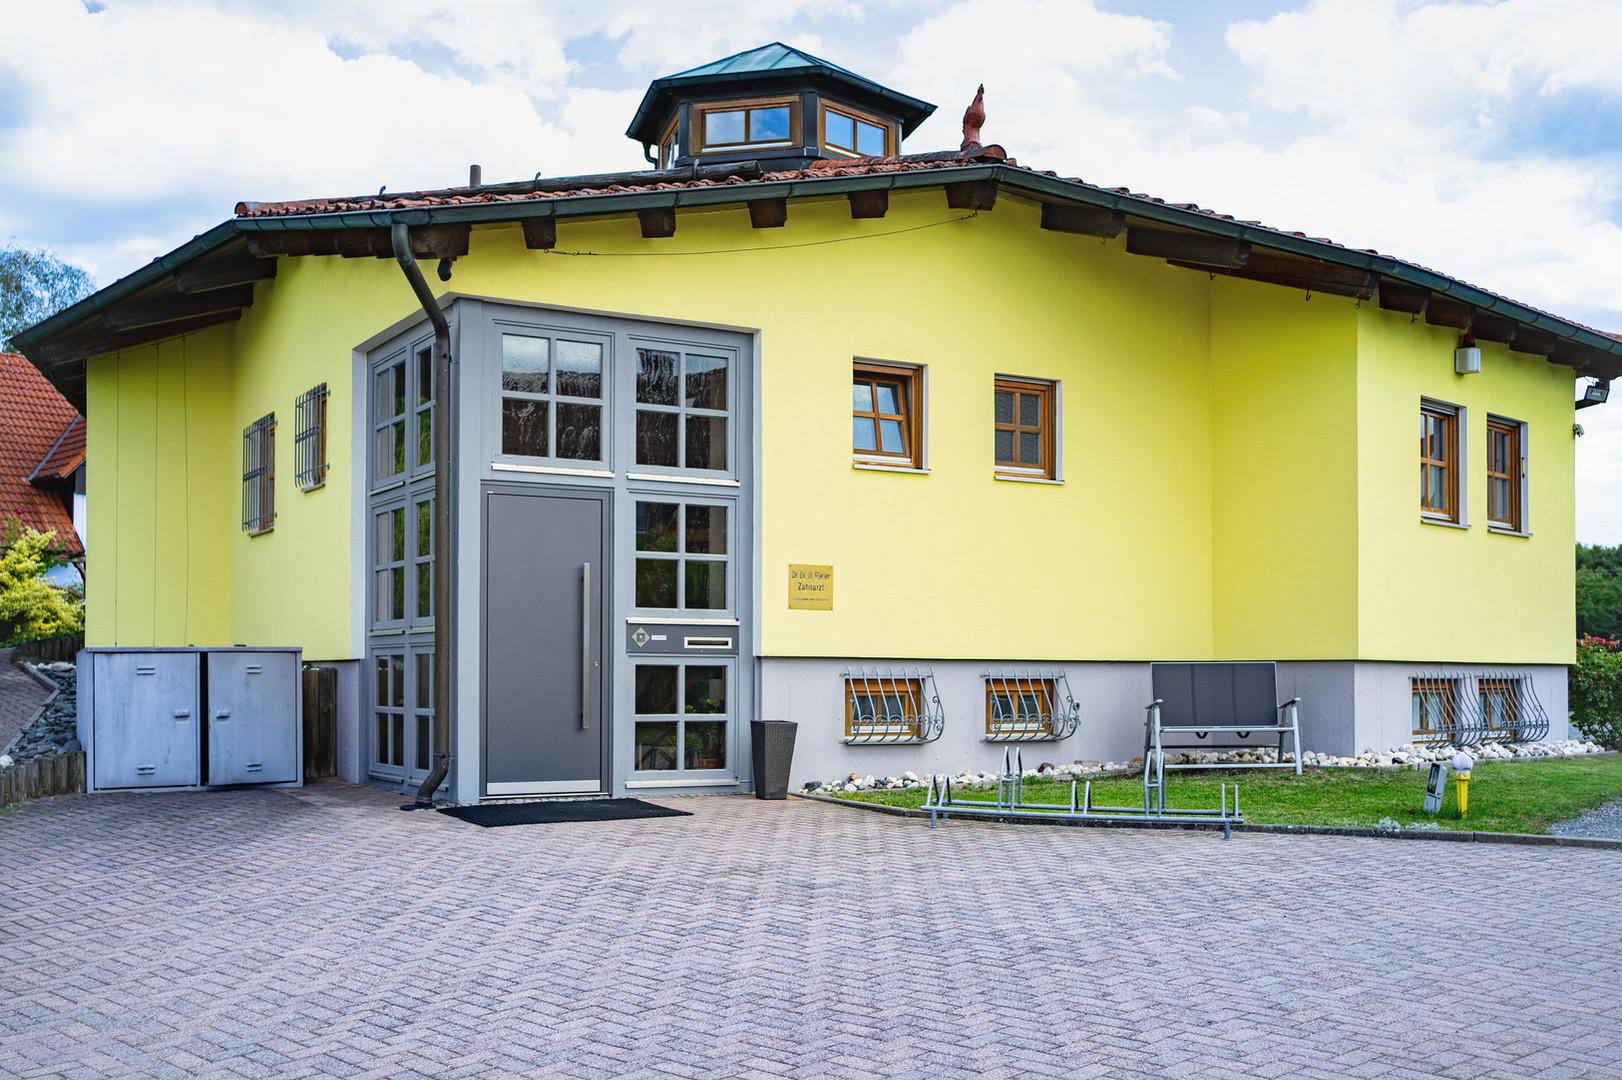 zahnarzt-hammerweg-weiden-in-der-oberpfalz-praxis-von-außen